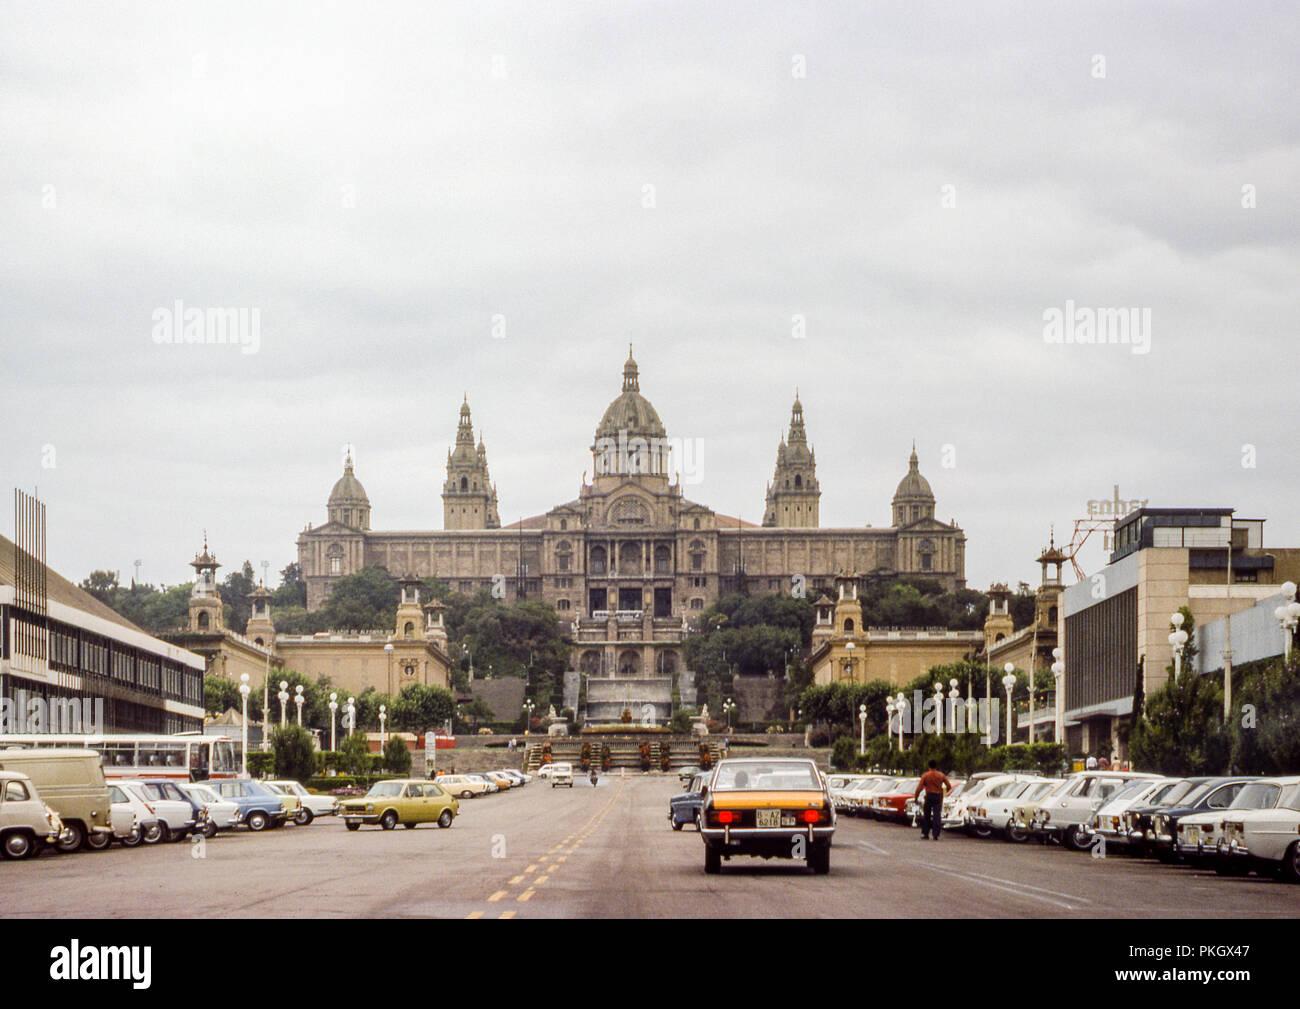 Im National Palast von Montjuïc - Palacios de Alfonso XIII y Victoria Eugenia wie von der Avinguda de la Reina Maria Cristina - Original 1975 Archivierung Foto gesehen. Stockbild